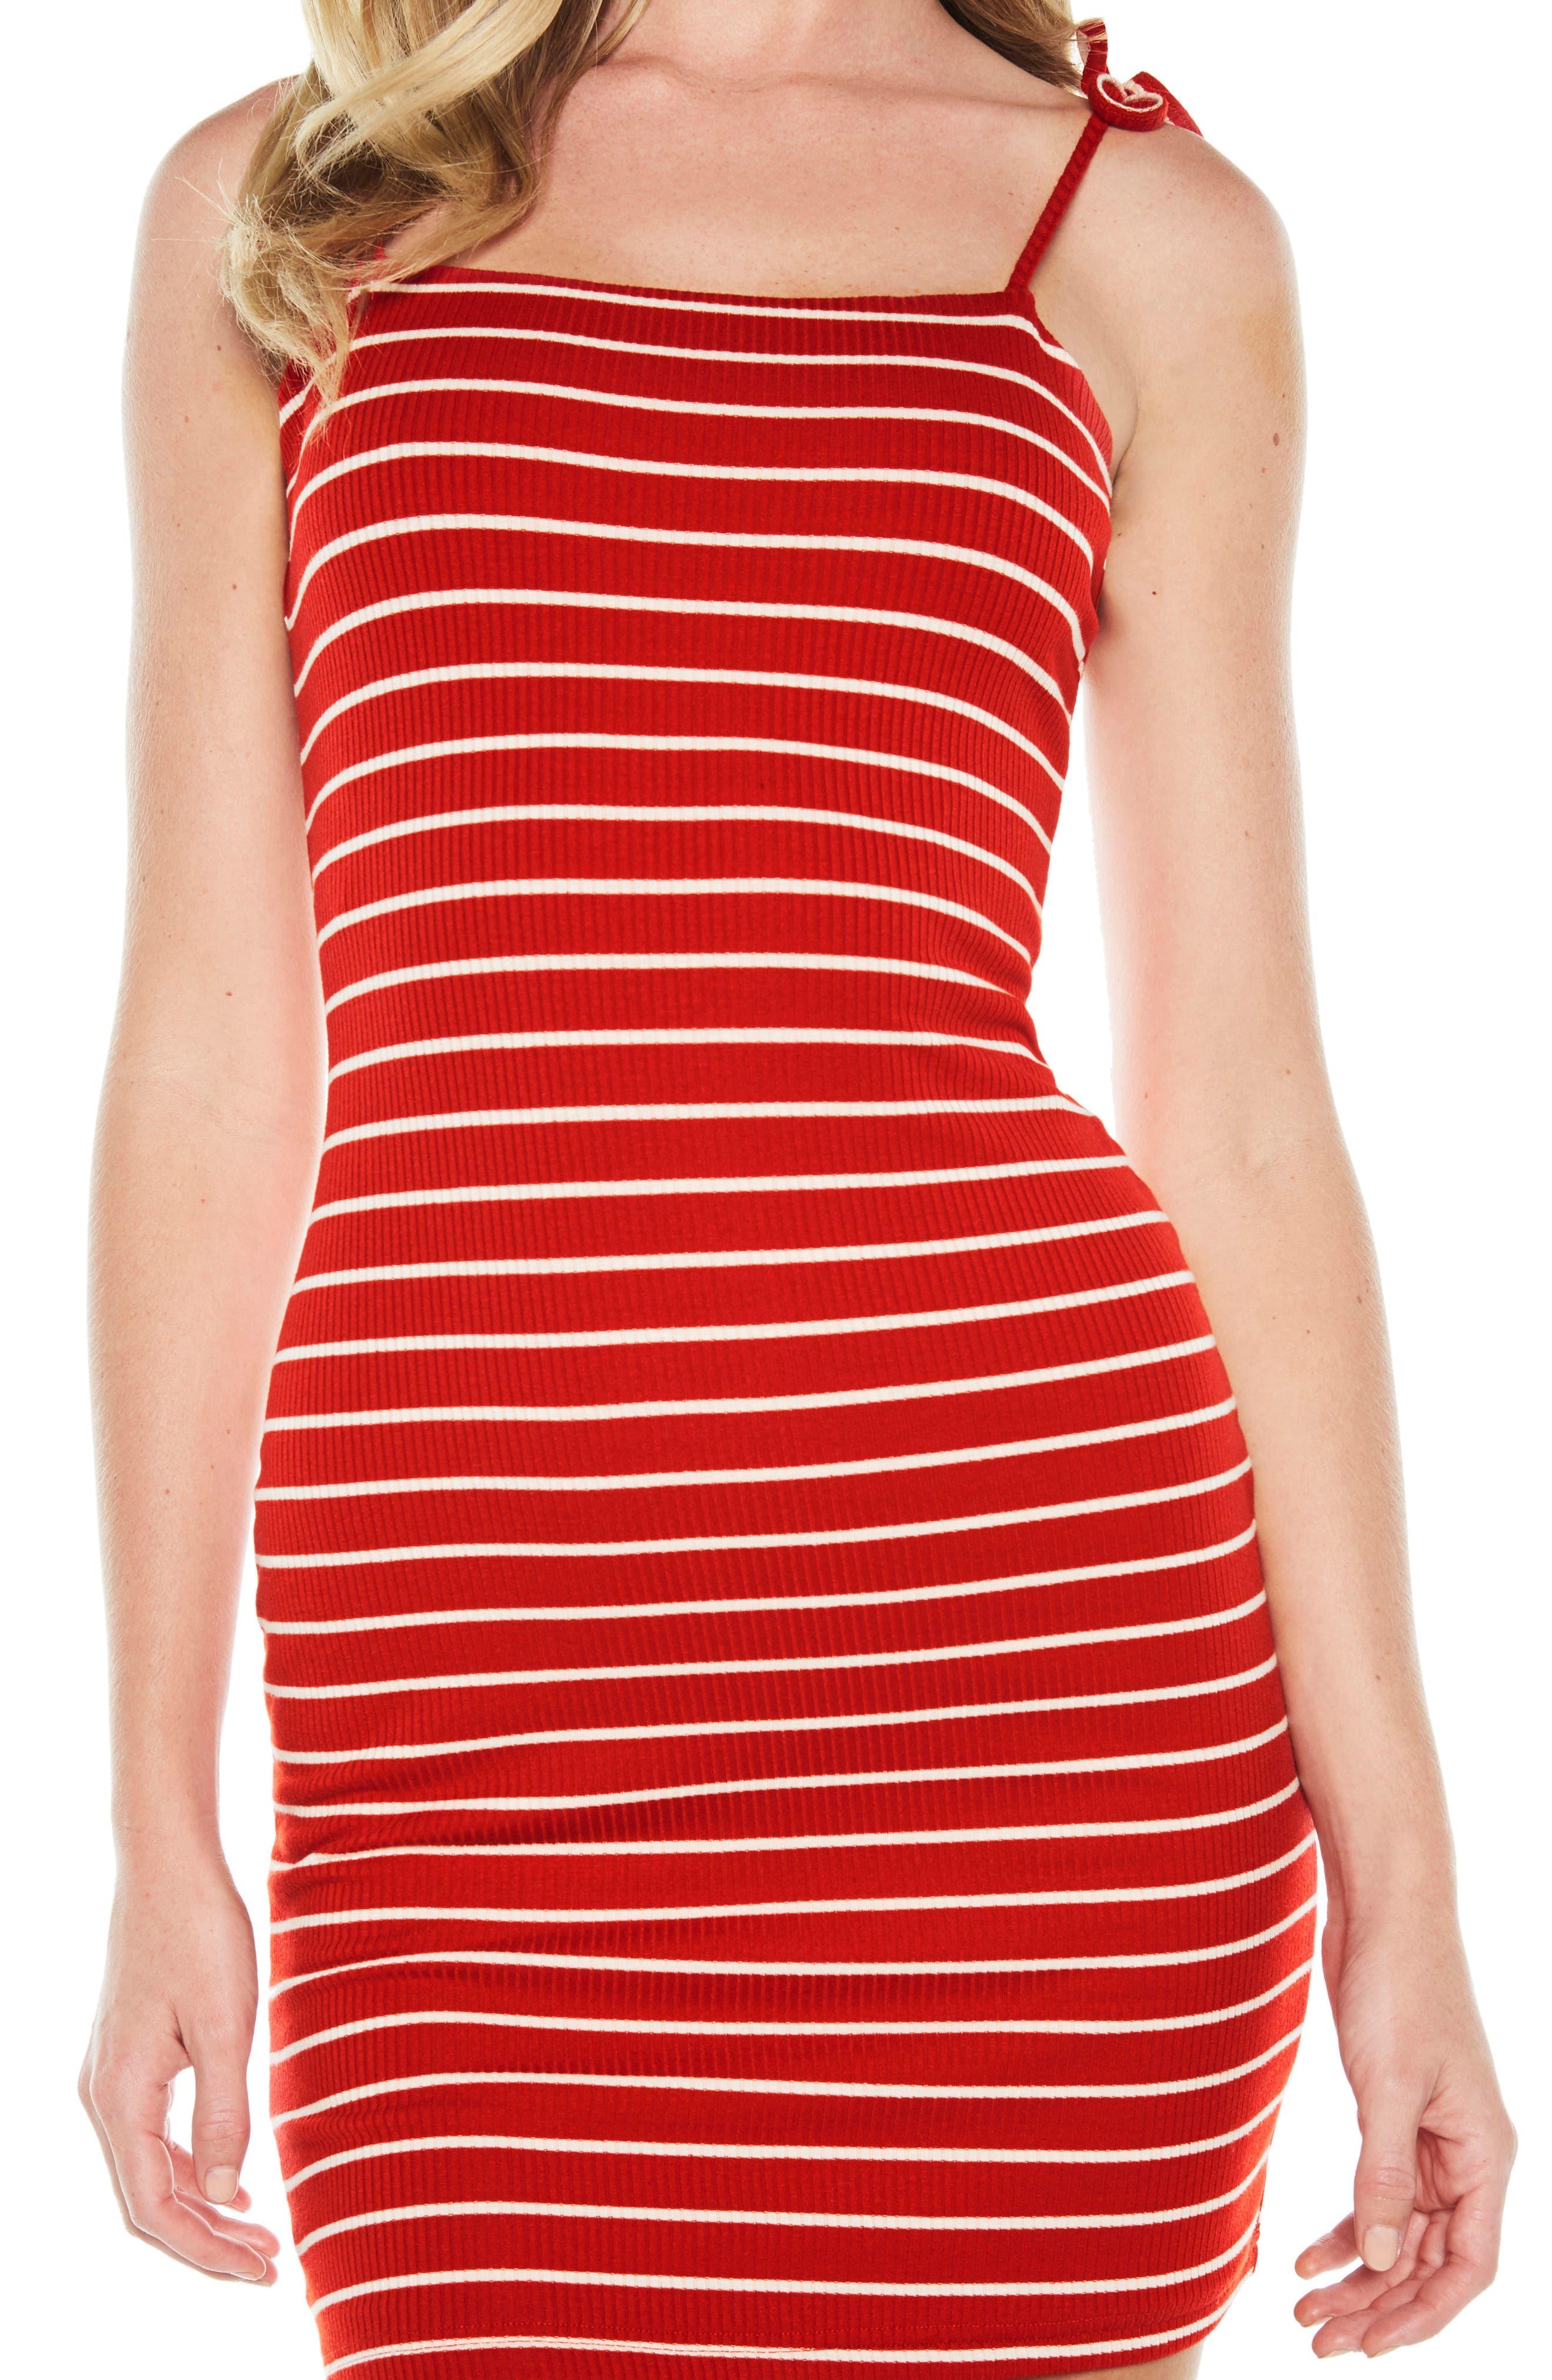 Romy Tie Strap Tube Dress,                             Alternate thumbnail 4, color,                             Red/ White Stripe